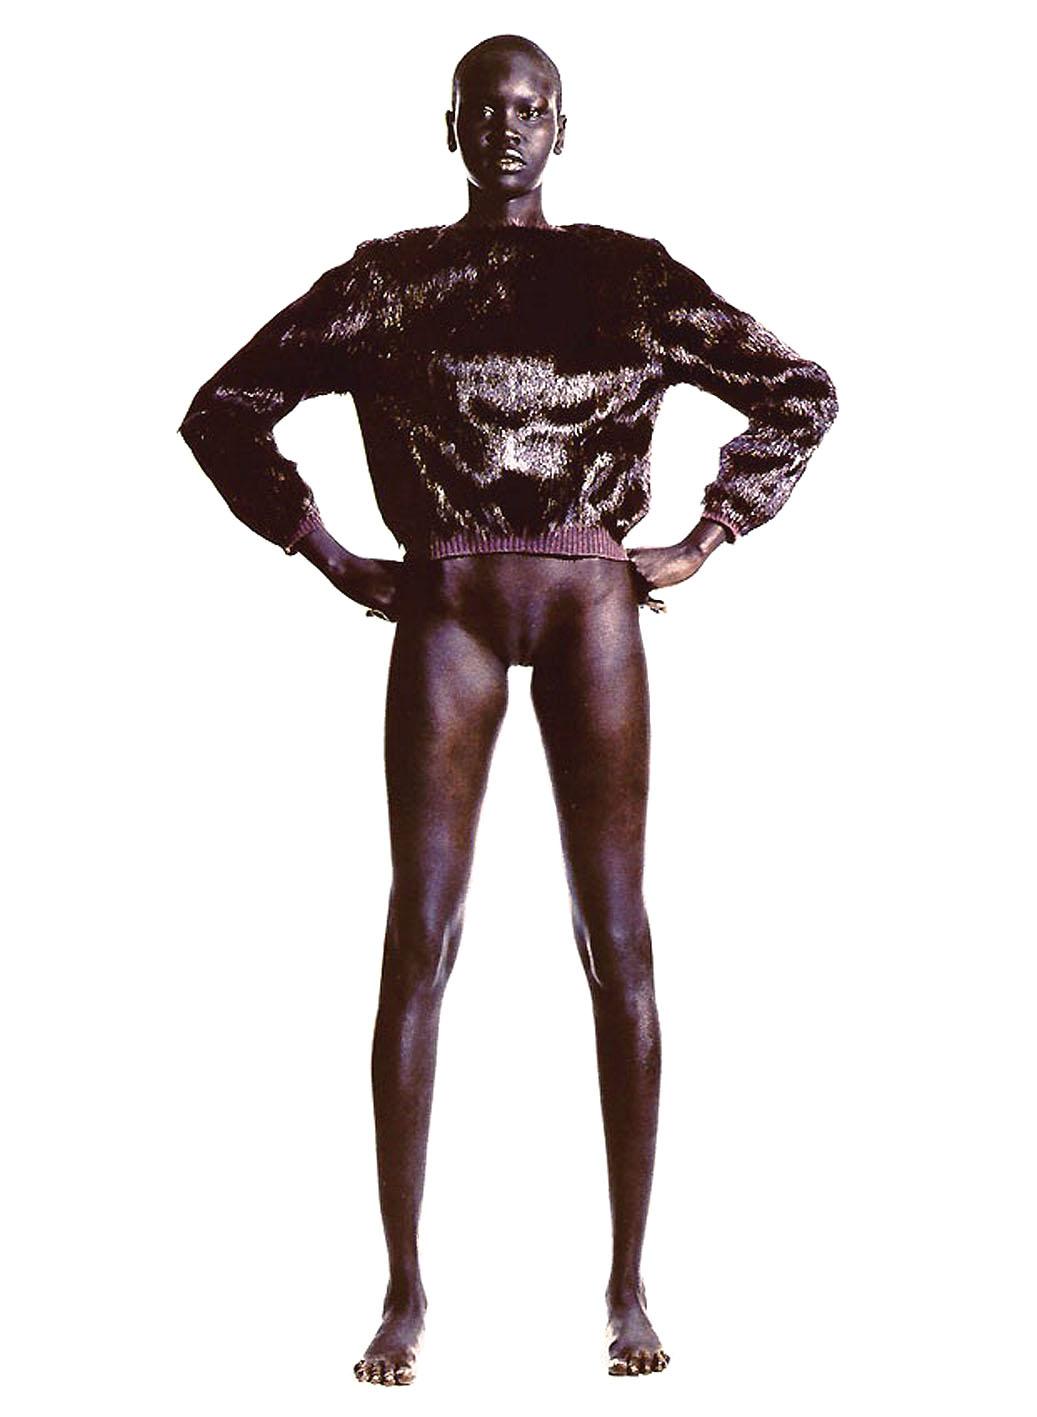 足が長すぎるスーパーモデル、アレック・ウェック